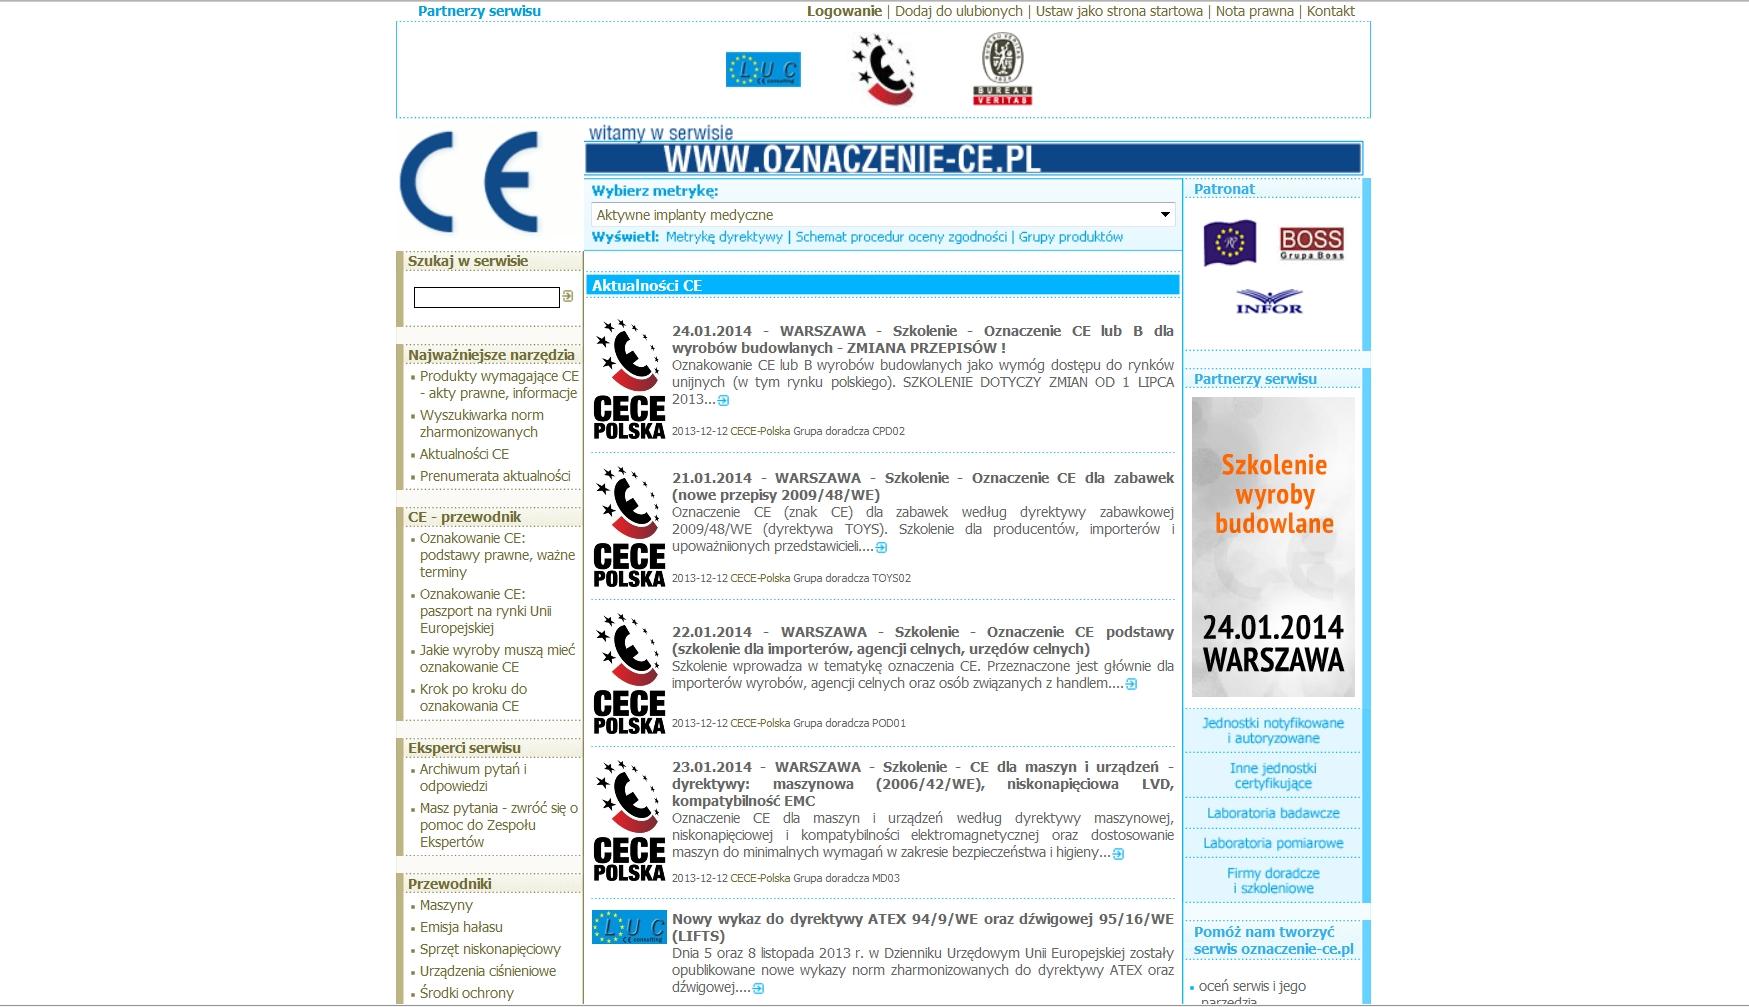 oznaczenie CE - print screen - portal www.oznaczenie-ce.pl